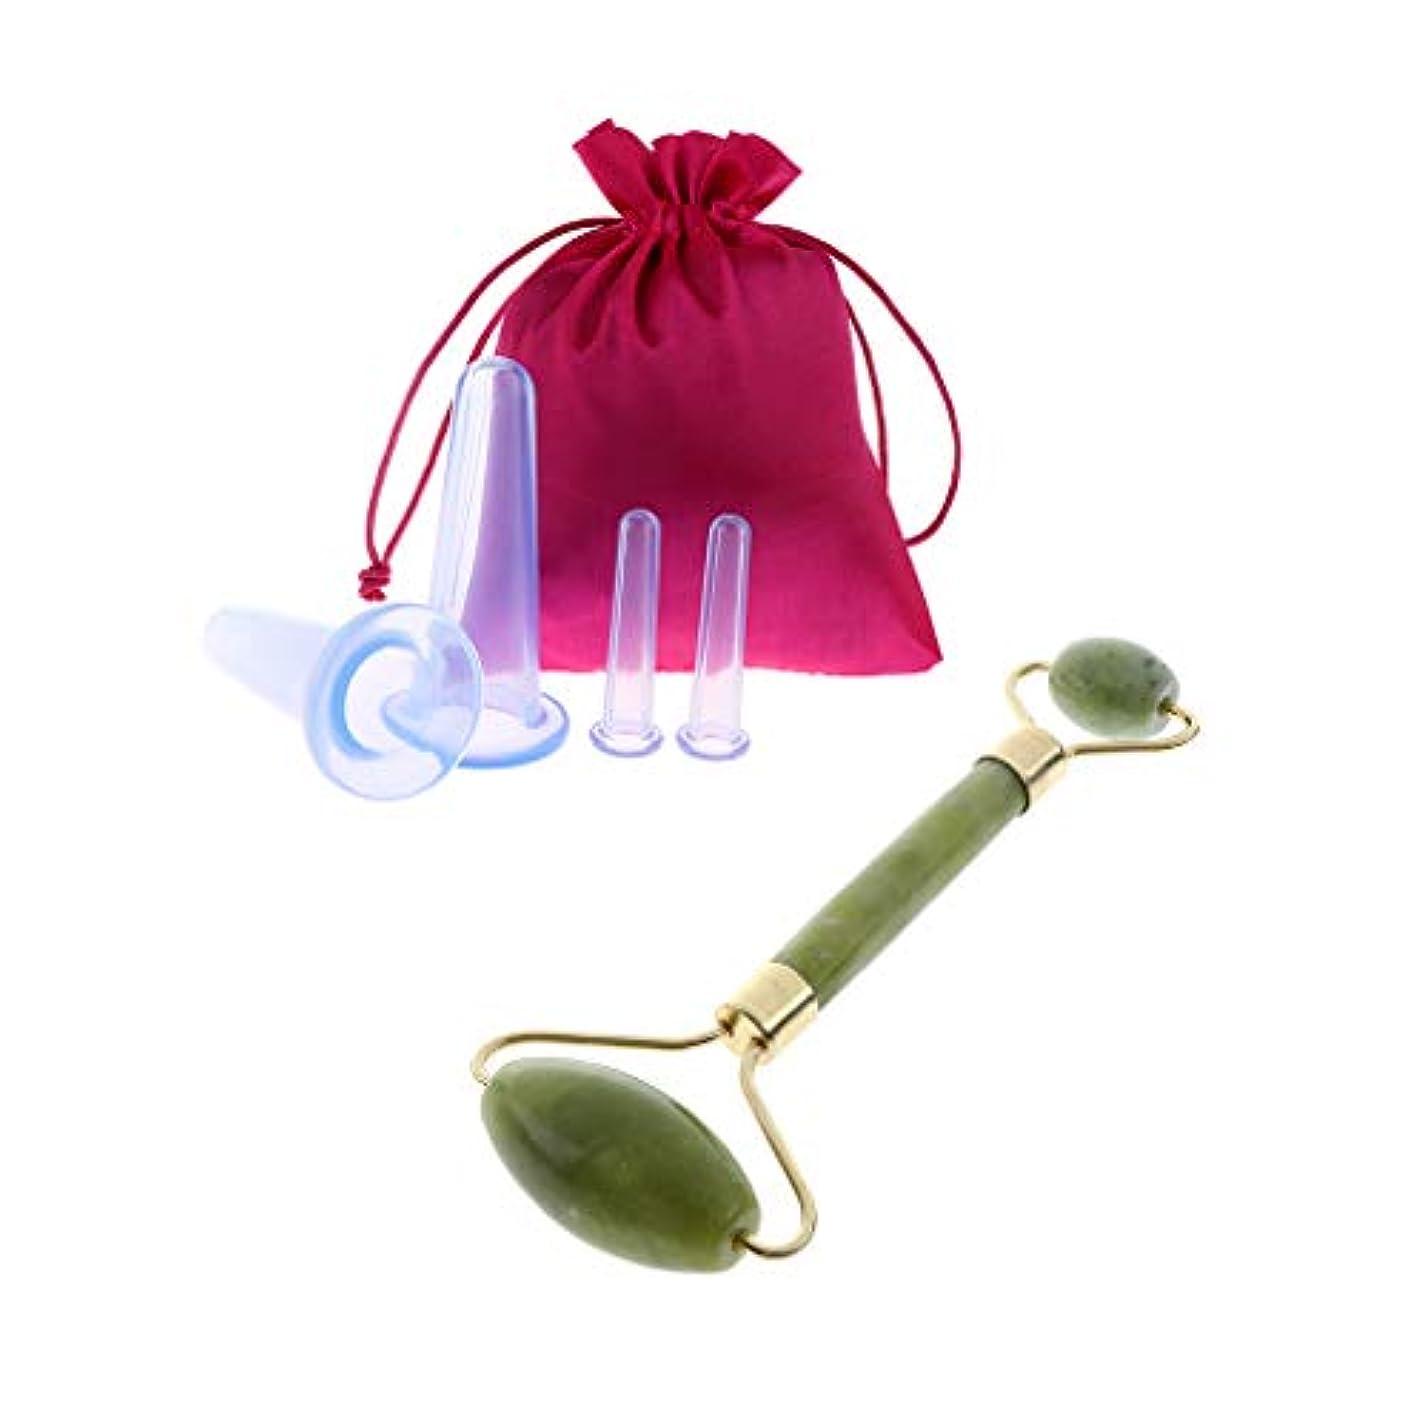 告白する暴露悲観的4本 シリコーン 抗セルライト 収納袋付き ジェイドストーン マッサージローラー 小型美顔器